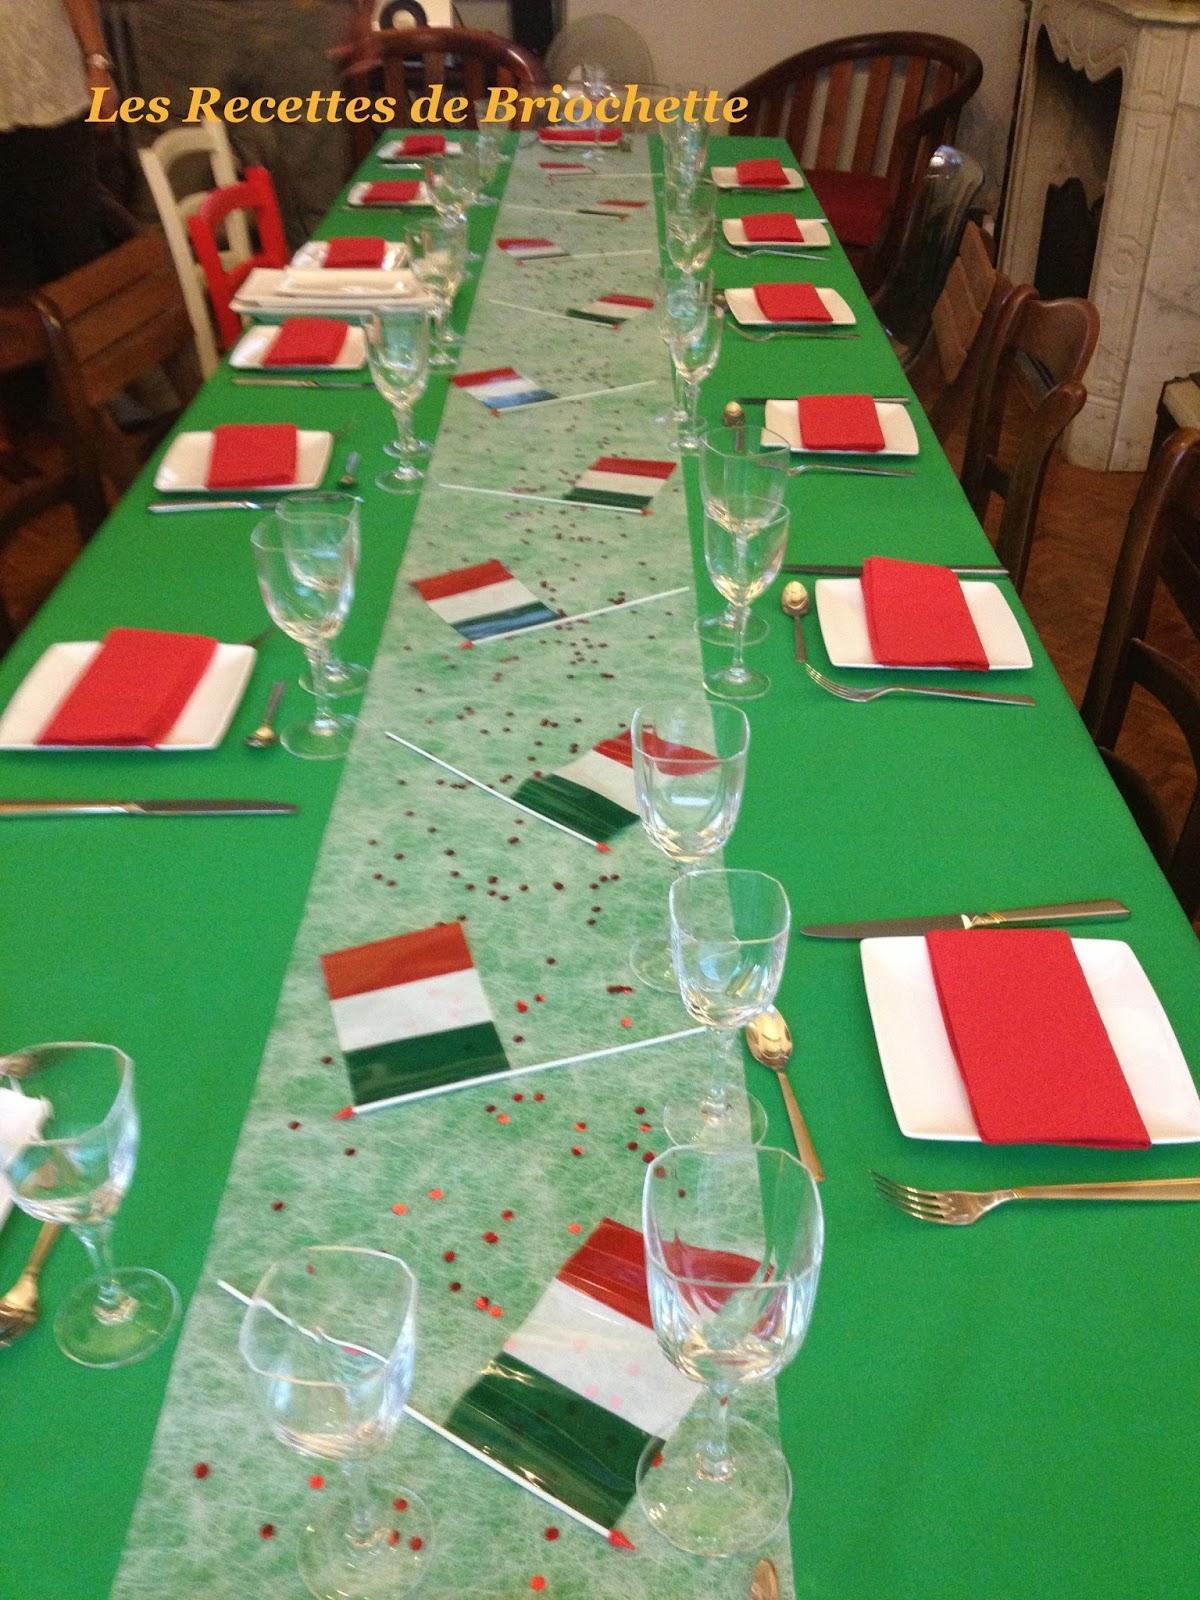 Decoration Italienne Table : Les recettes de briochette menu italien pour l